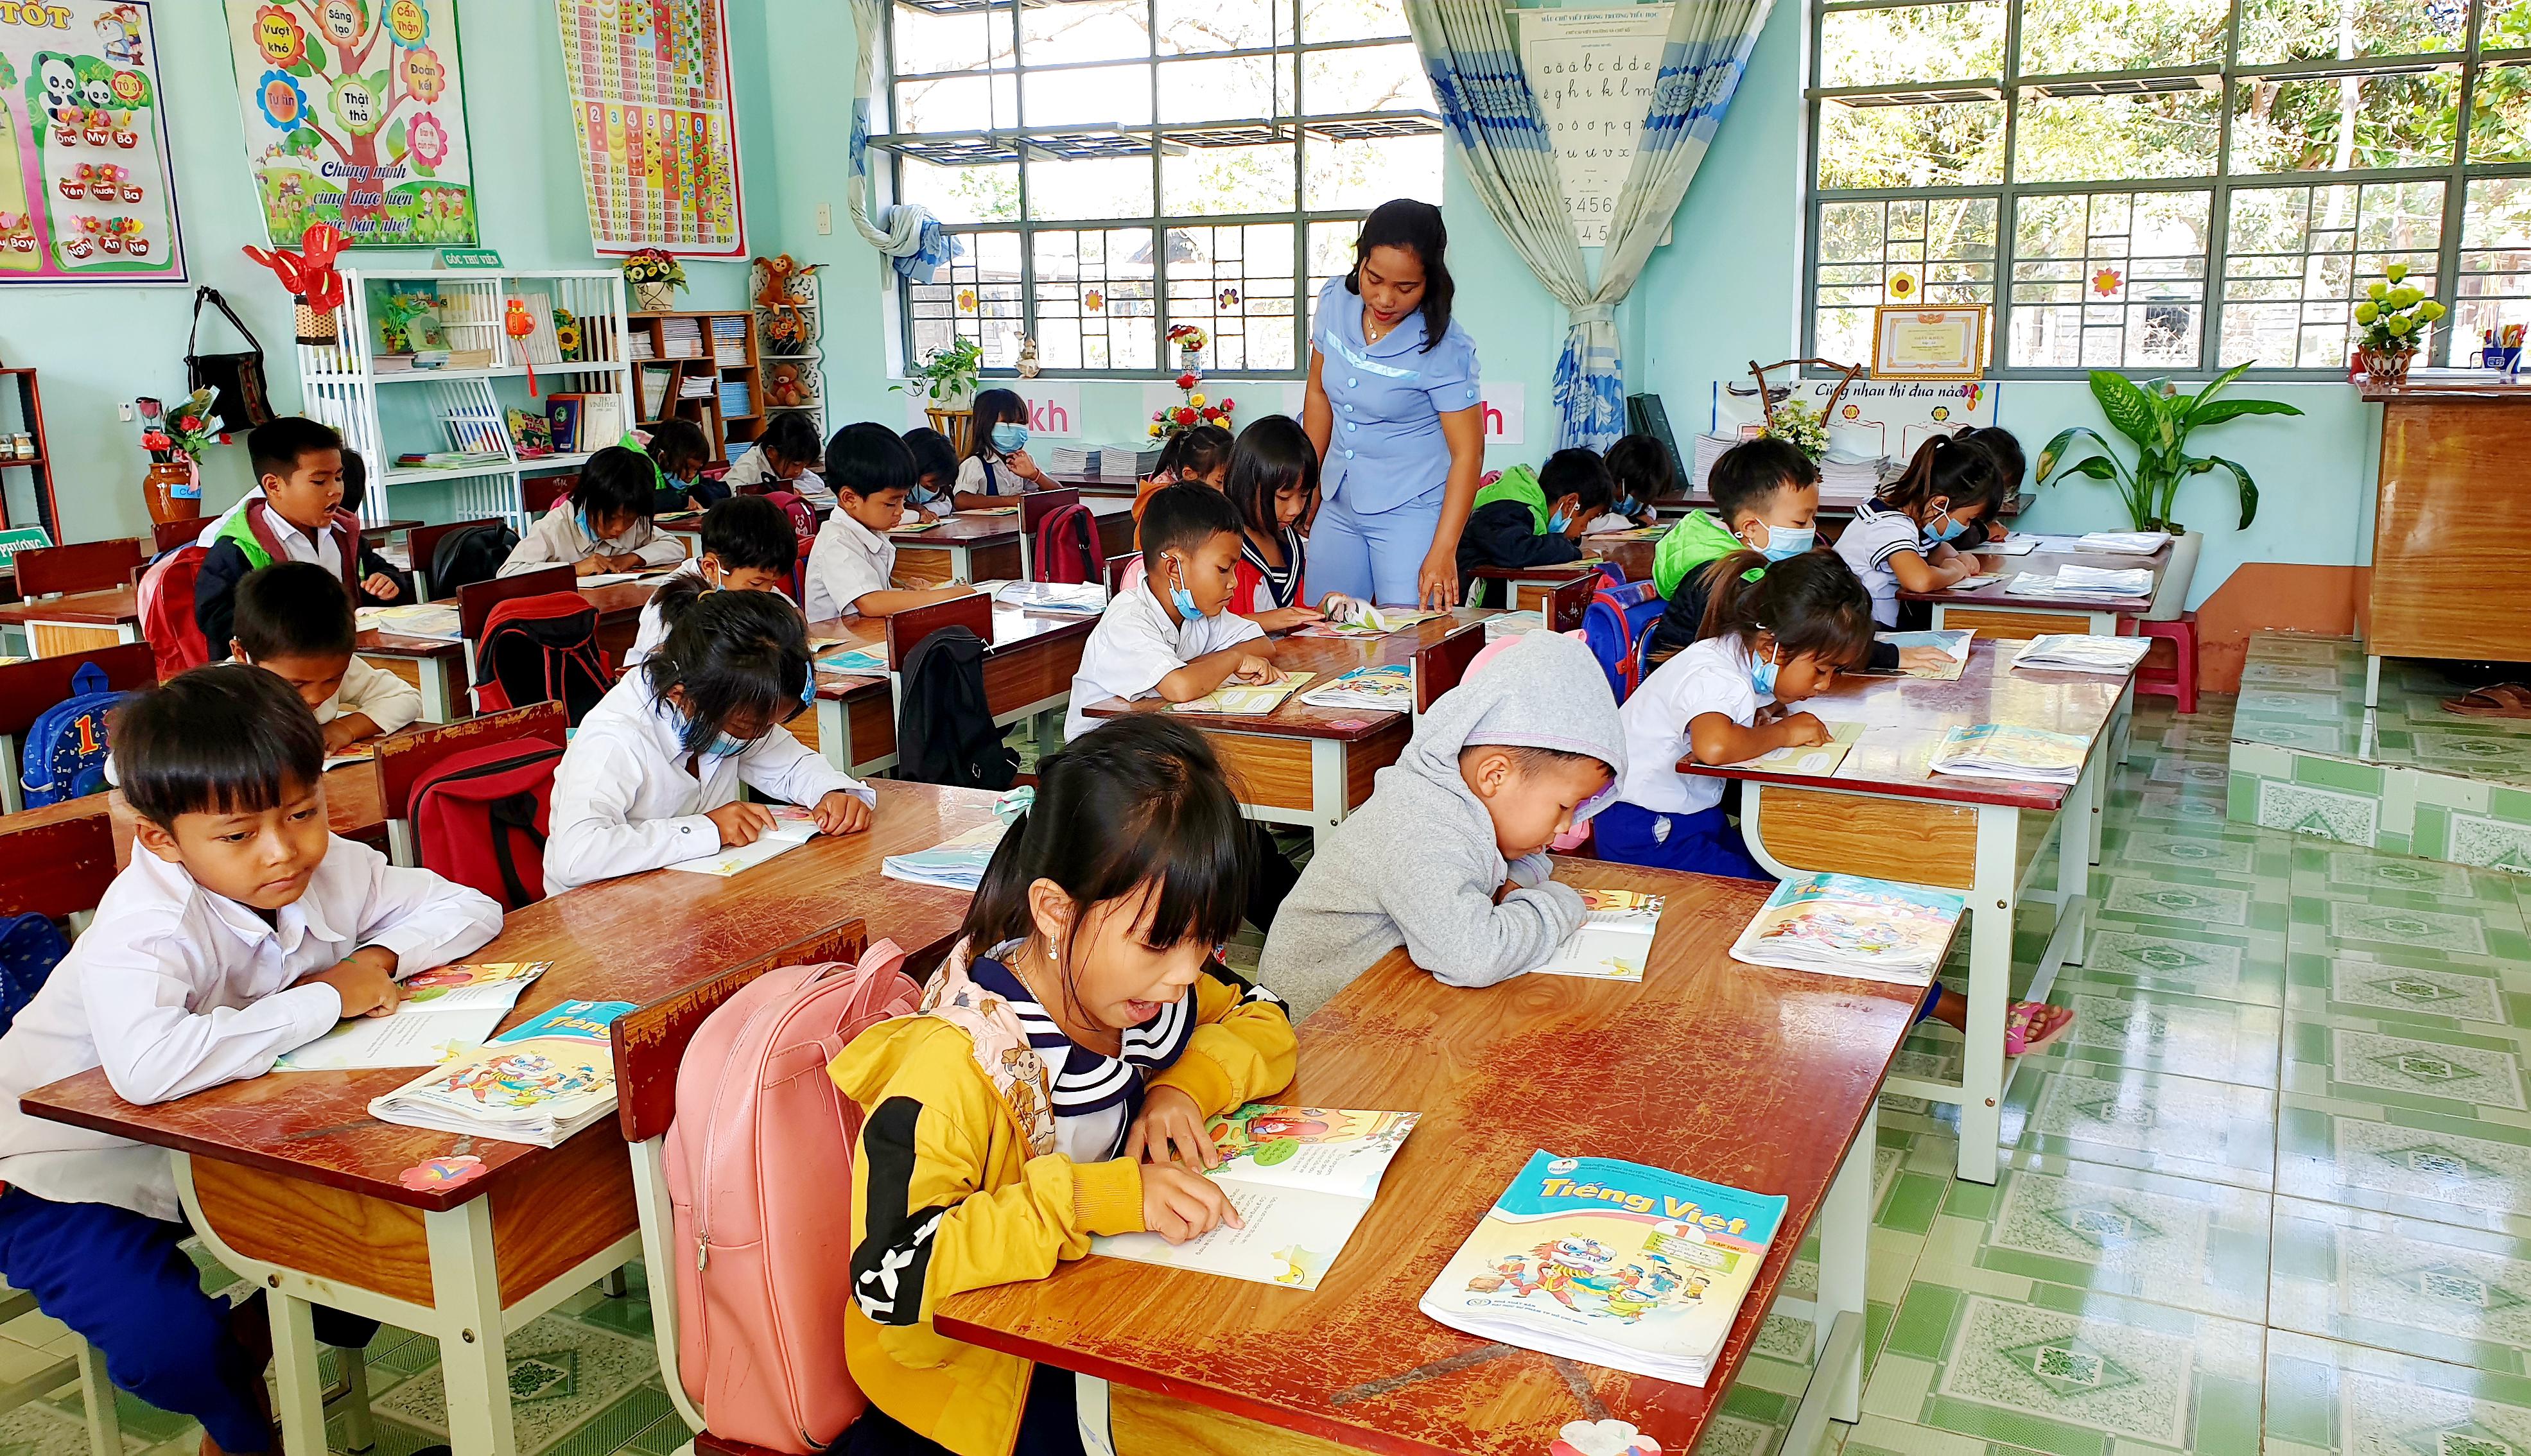 """Qua 5 năm triển khai thực hiện Đề án """"Tăng cường tiếng Việt cho học sinh mầm non, tiểu học vùng đồng bào DTTS trên địa bàn tỉnh Gia Lai"""" đã mang lại những kết quả tích cực."""